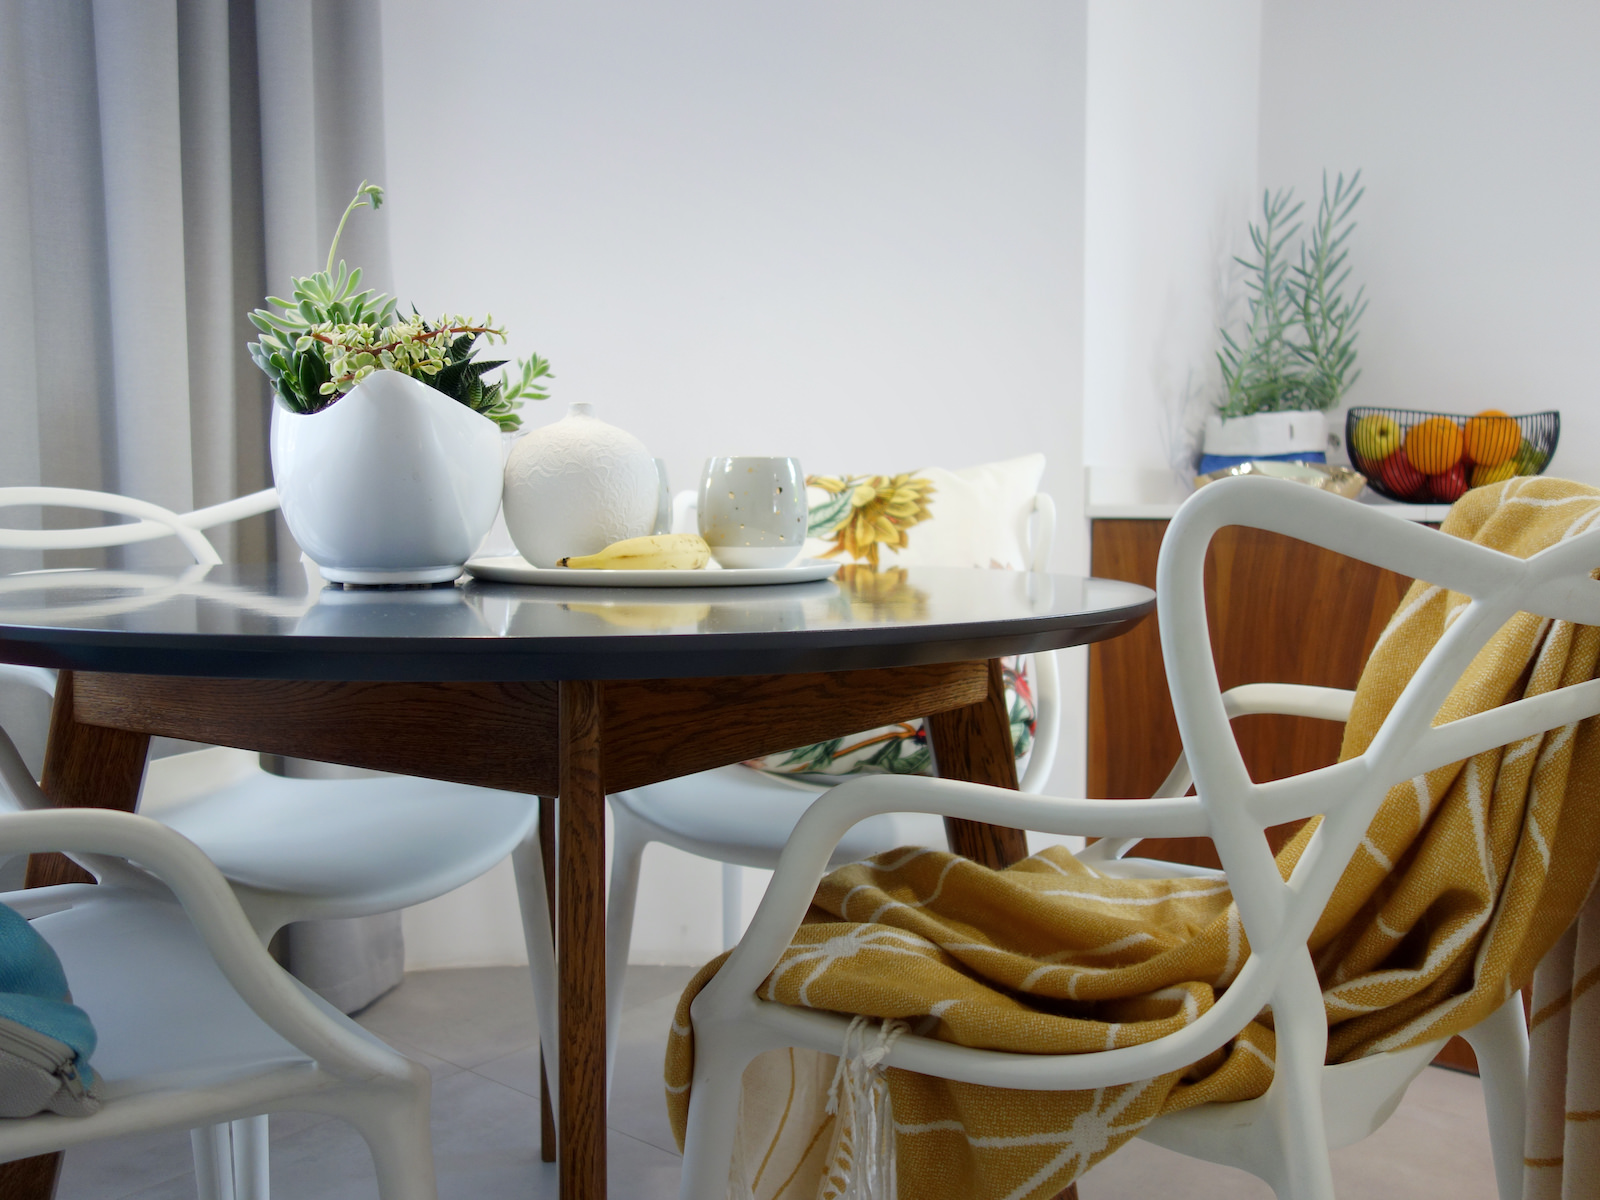 18 projektant wnetrz R056 dom dabrowa gornicza okragly stol biale plastikowe krzesla